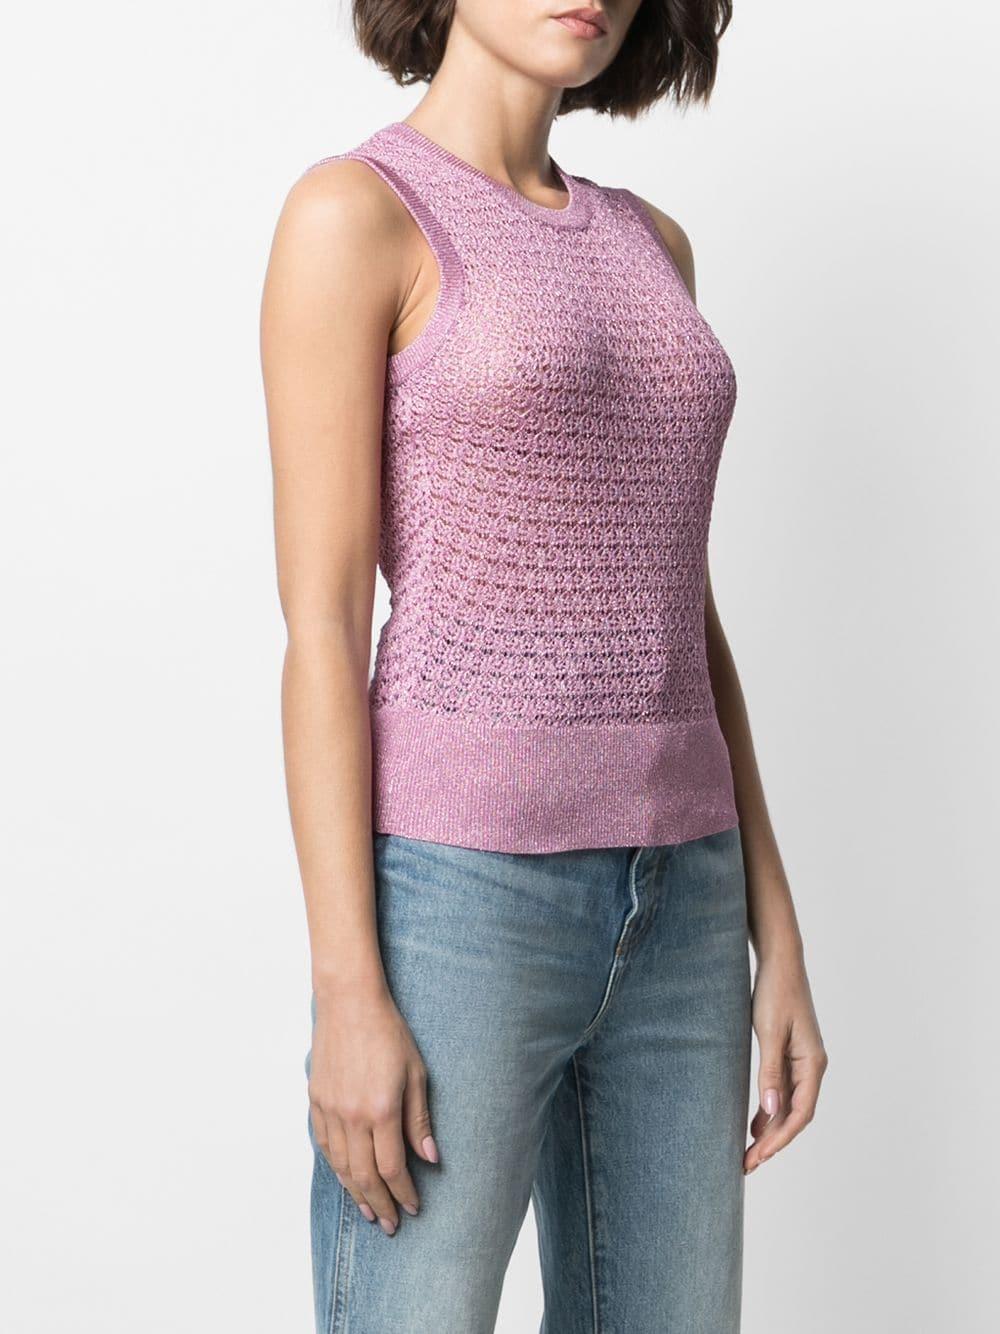 Dolce & Gabbana Metallic Crochet Knitted Top 757лв